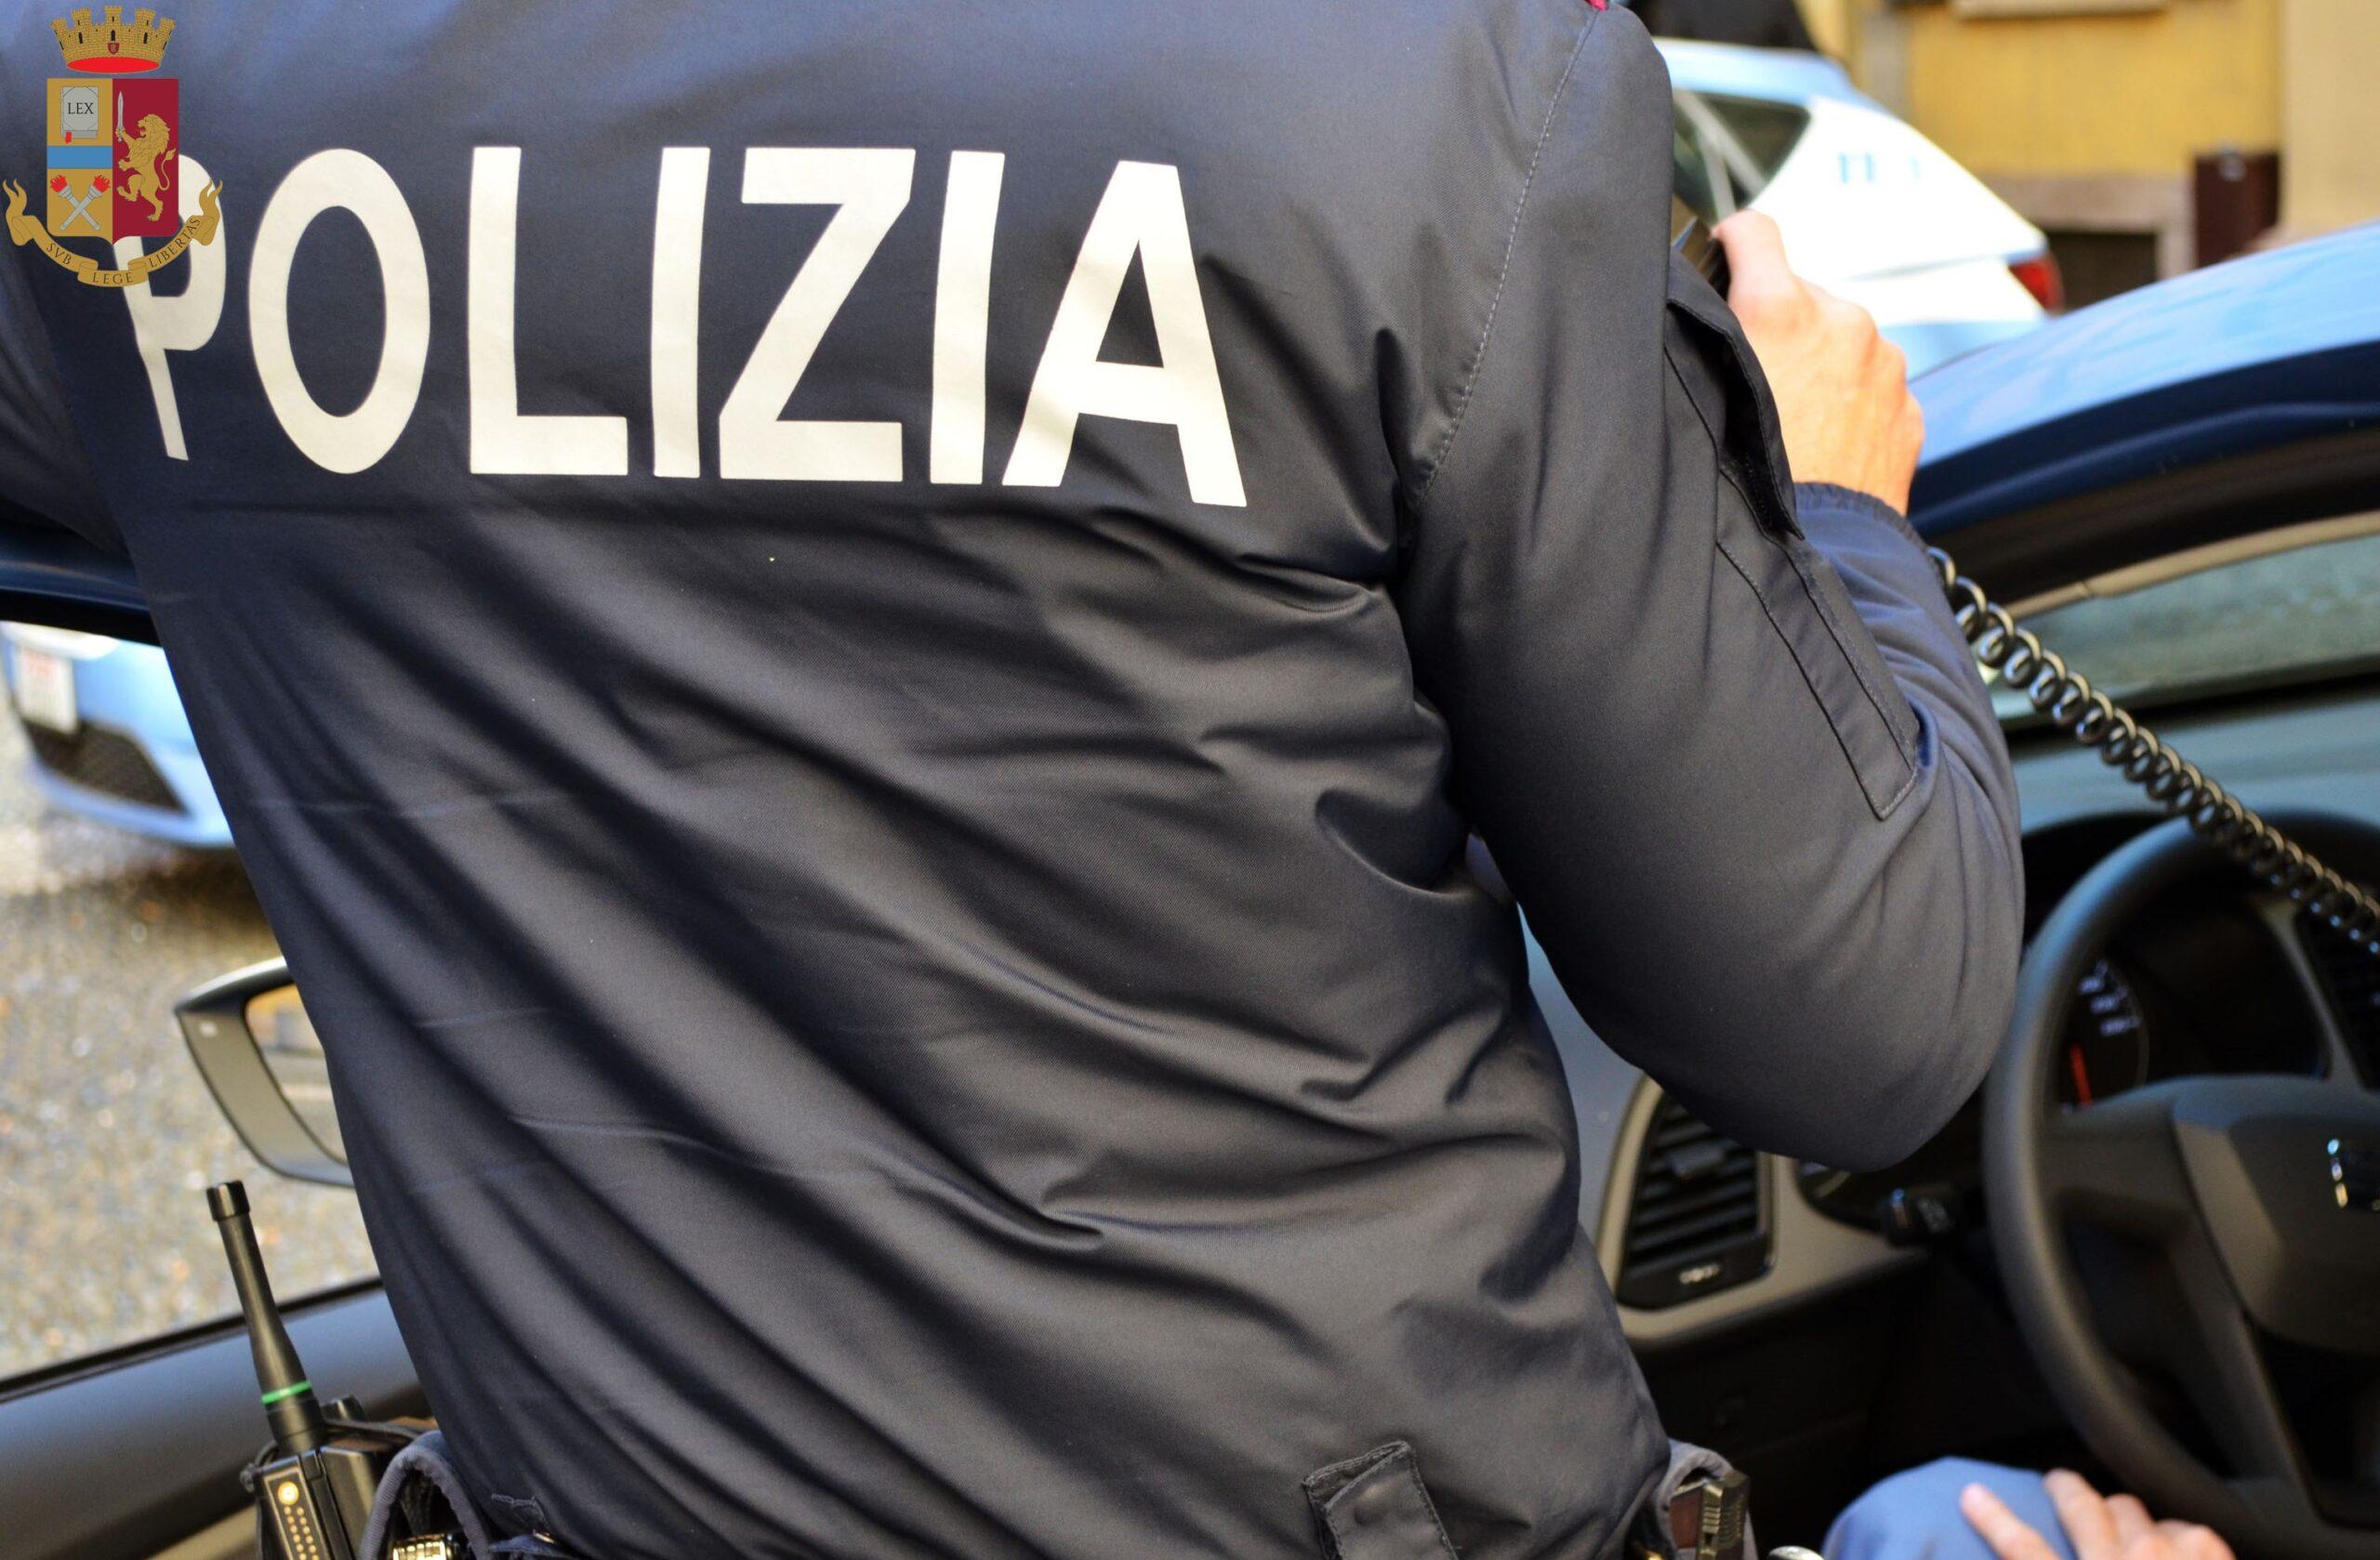 FURTO NELLA CAPPELLA DELL'OSPEDALE DE LELLIS, LA POLIZIA DI STATO DENUNCIA DUE PREGIUDICATI